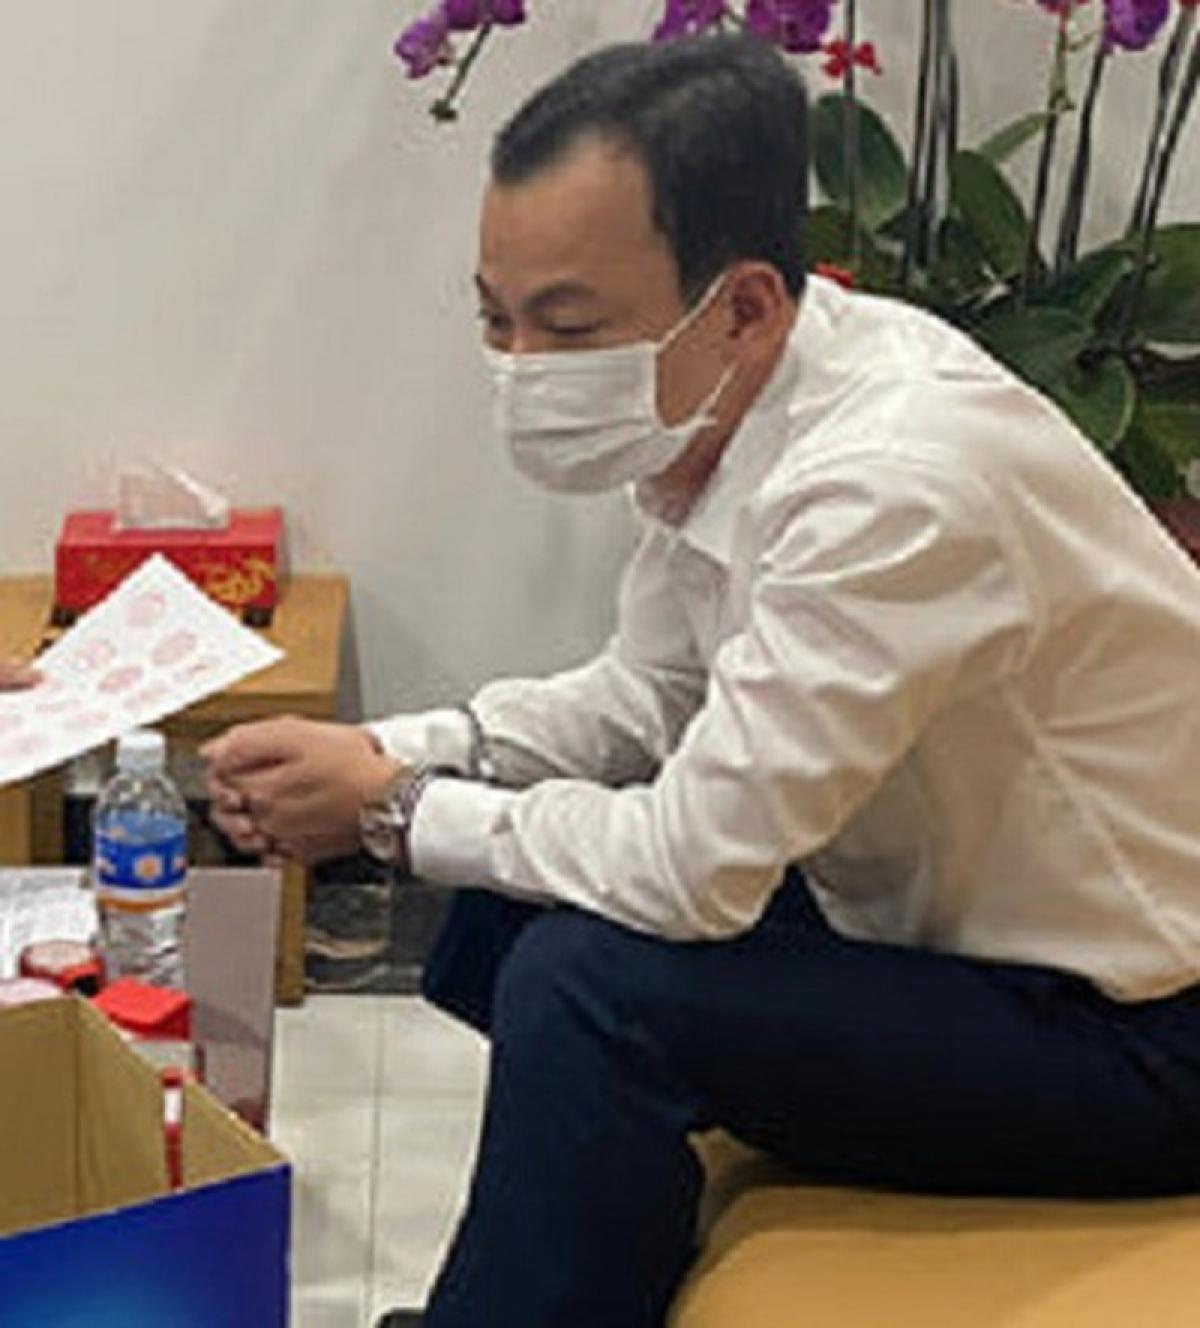 Đối tượng Lê Thanh Trung vừa bị bắt giữ. (Ảnh: Công an Đồng Nai cung cấp)